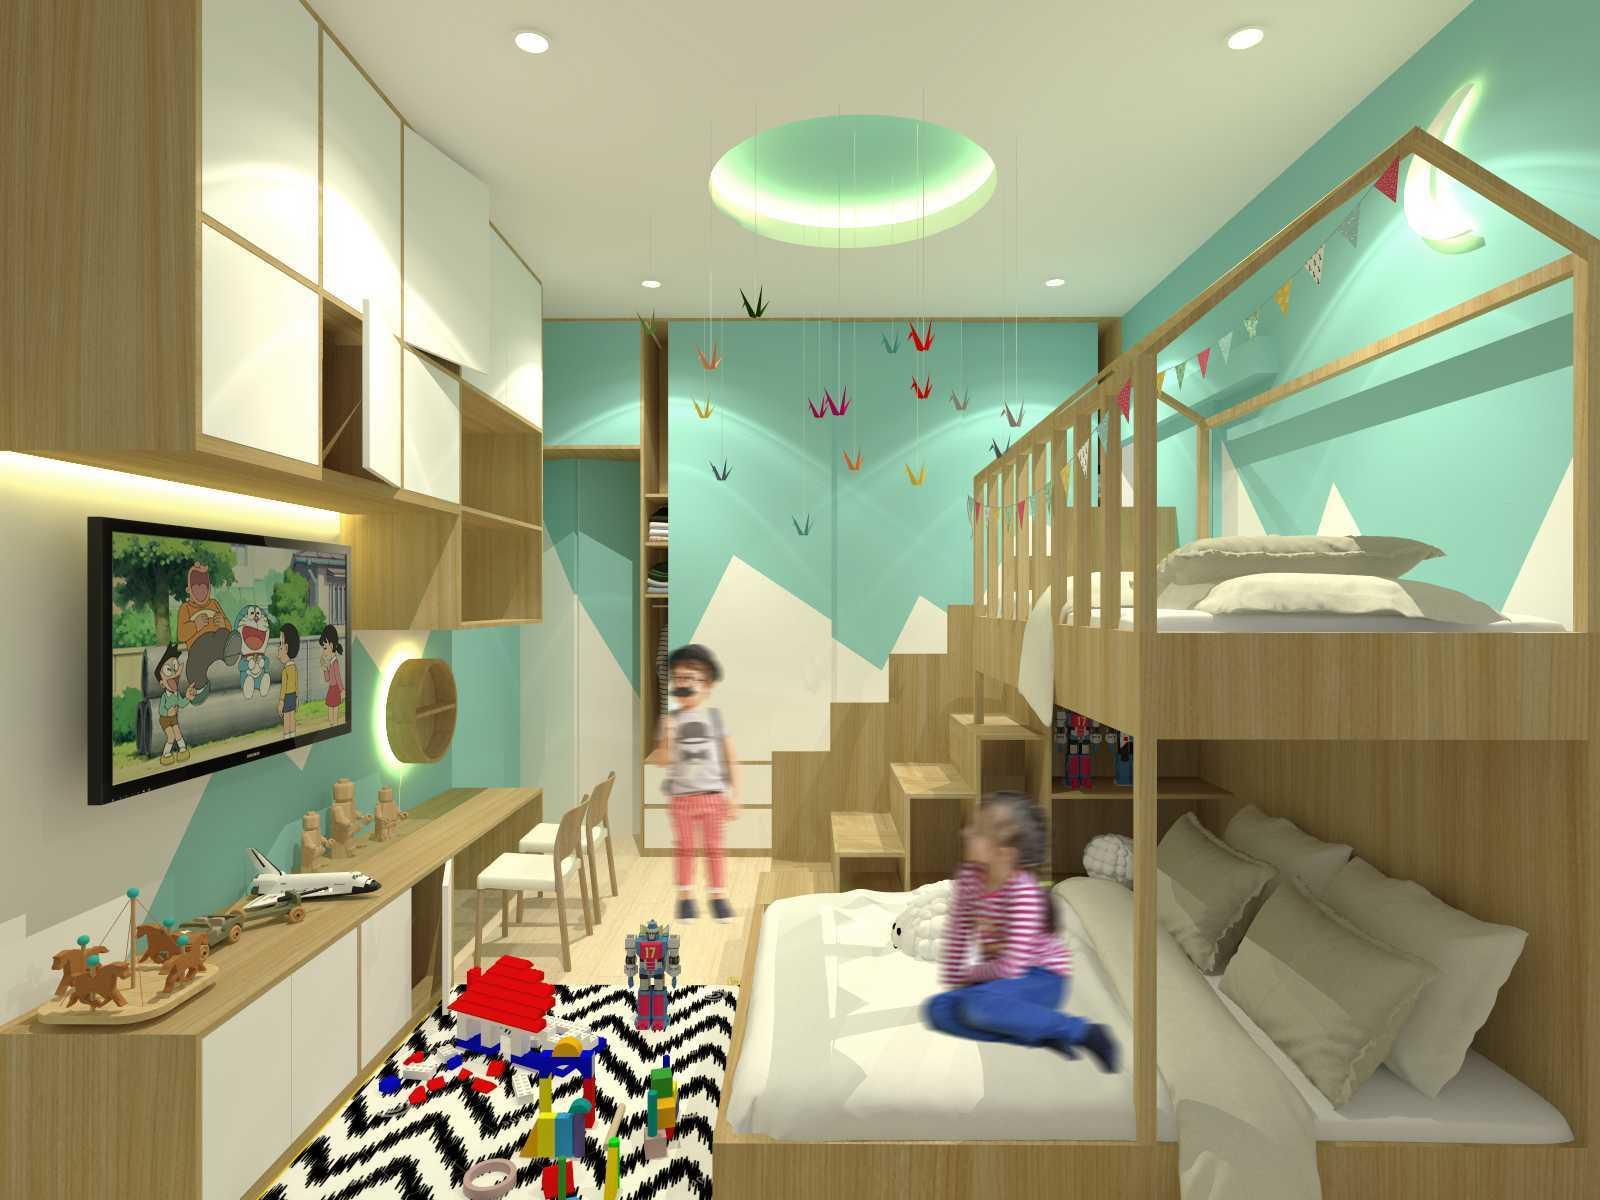 Sekala Mr. Adrian Master + Kids Bedroom Palembang, Kota Palembang, Sumatera Selatan, Indonesia Palembang, Kota Palembang, Sumatera Selatan, Indonesia Sekala-Mr-Adrian-Master-Kids-Bedroom  54169